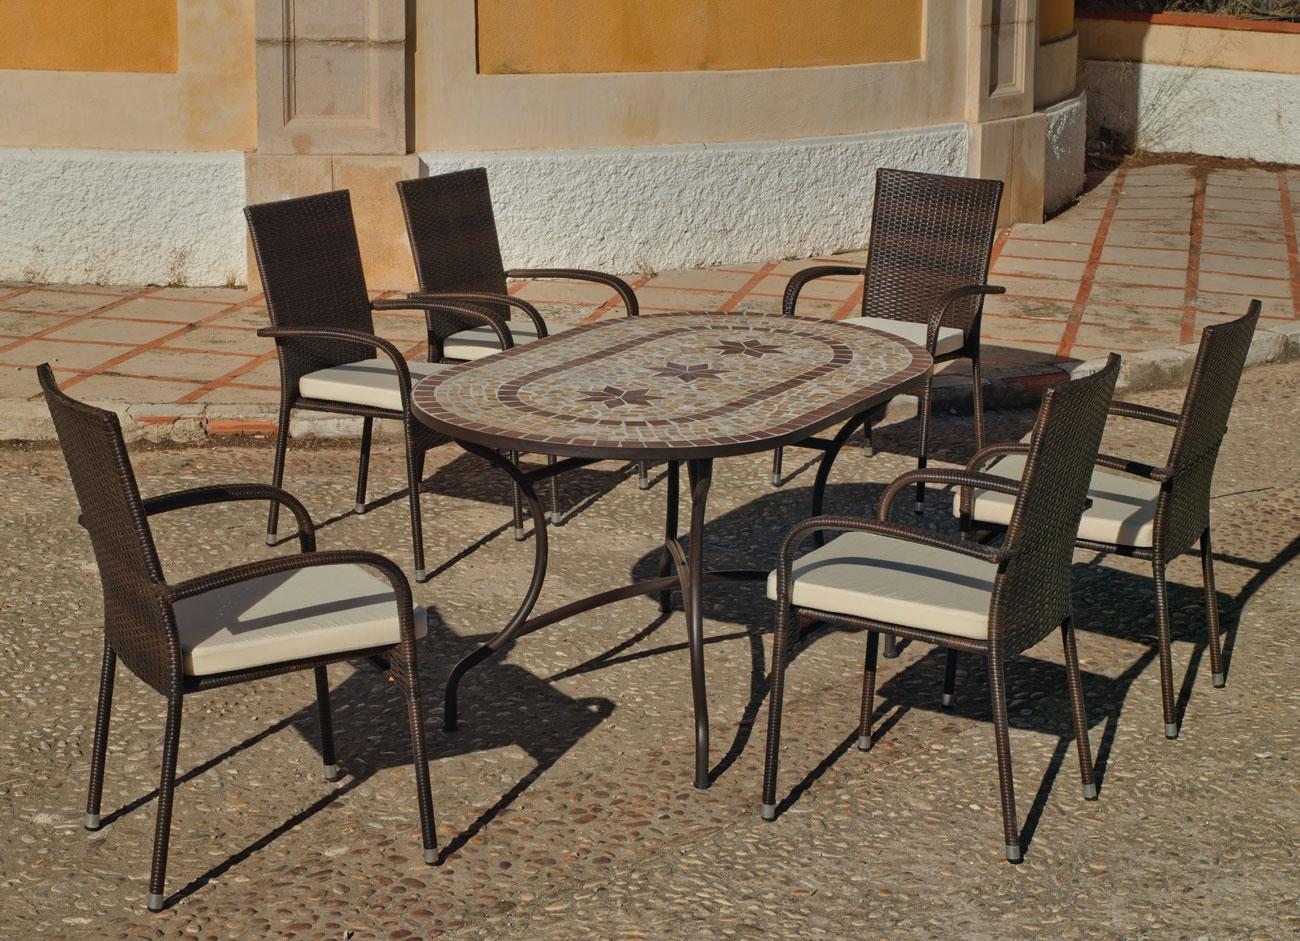 Set sillas y mesa mosaico Luana/Bergamo - Set sillas y mesa mosaico Luana/Bergamo